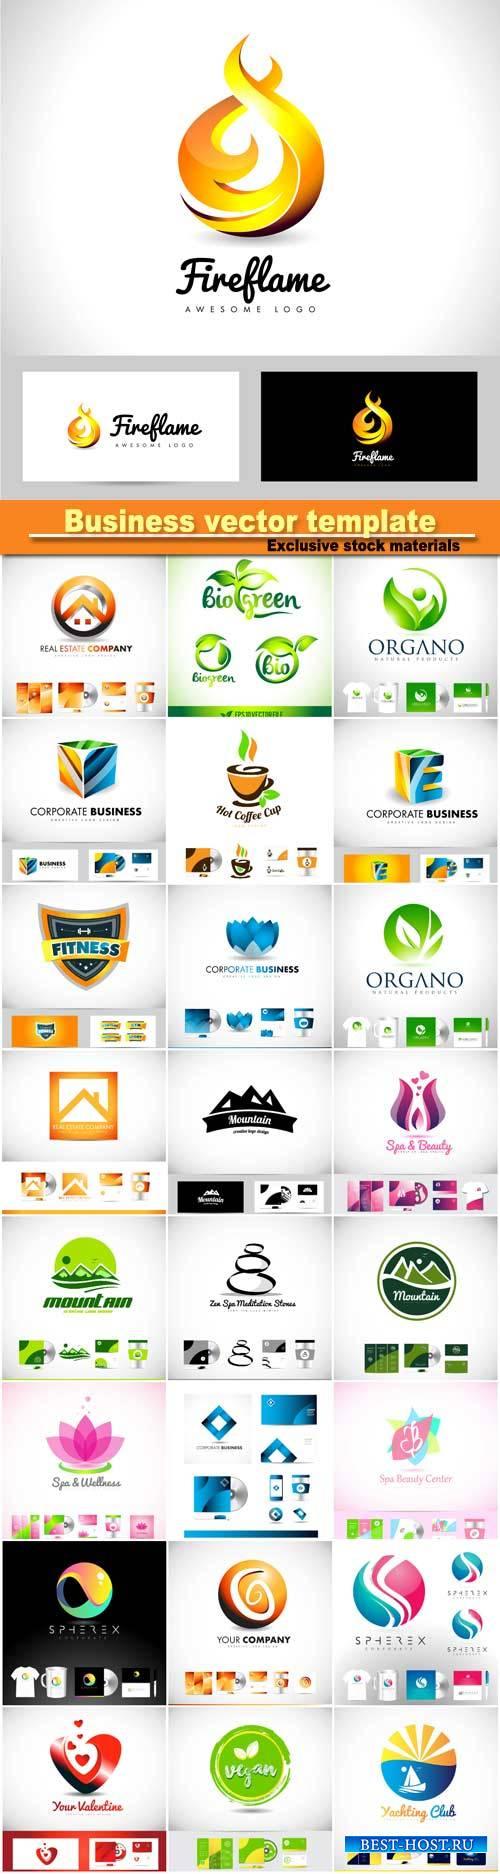 Vector logo icon, design template corporate identity